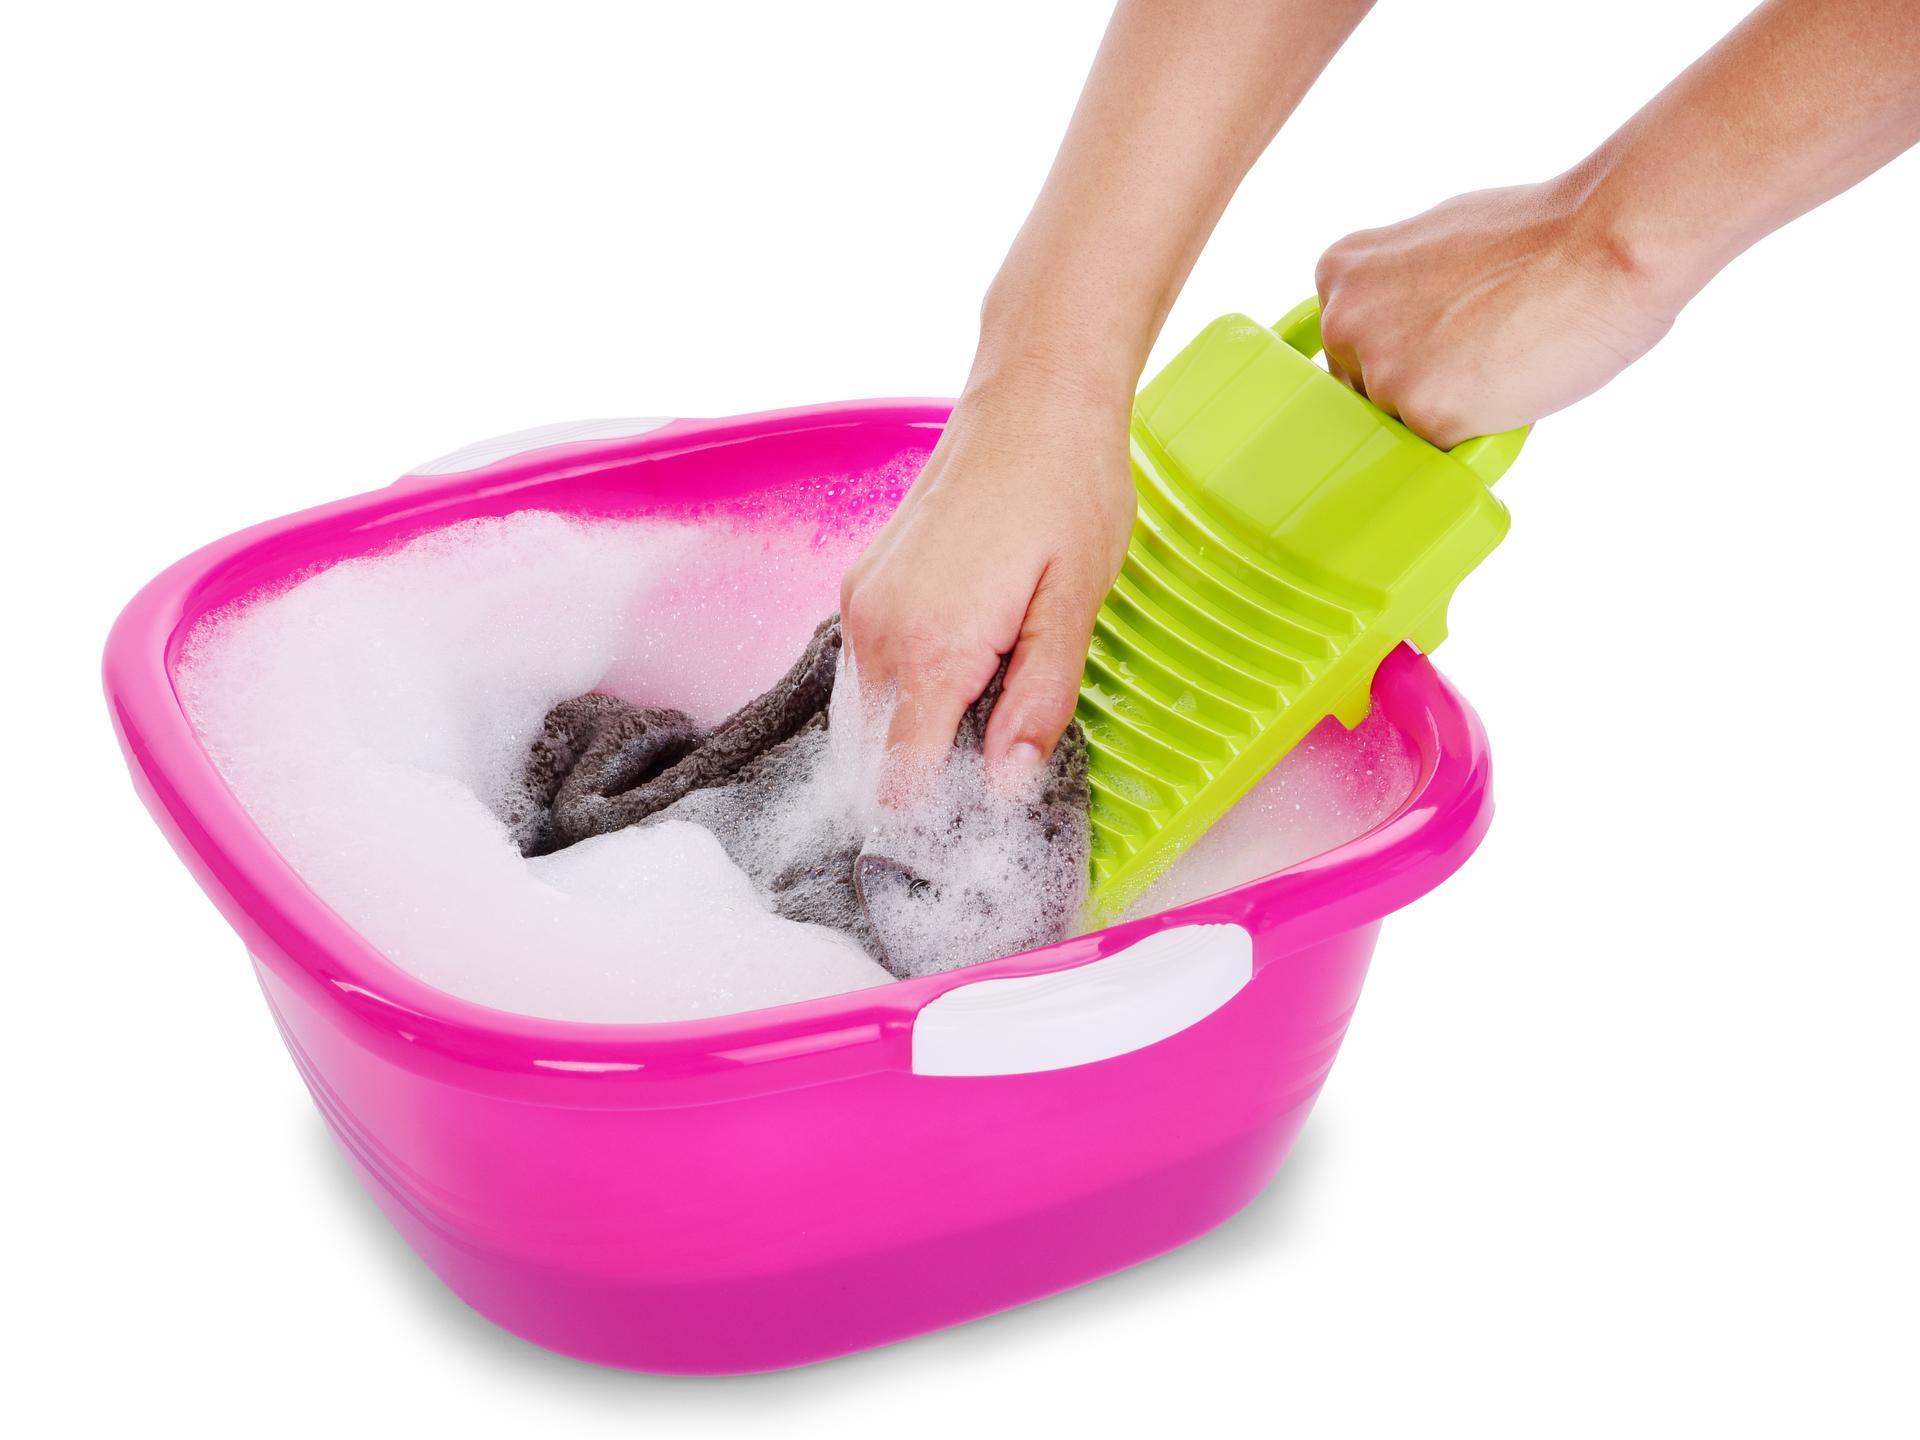 Valcha na ruční praní prádla, štětců a houbiček na make-up